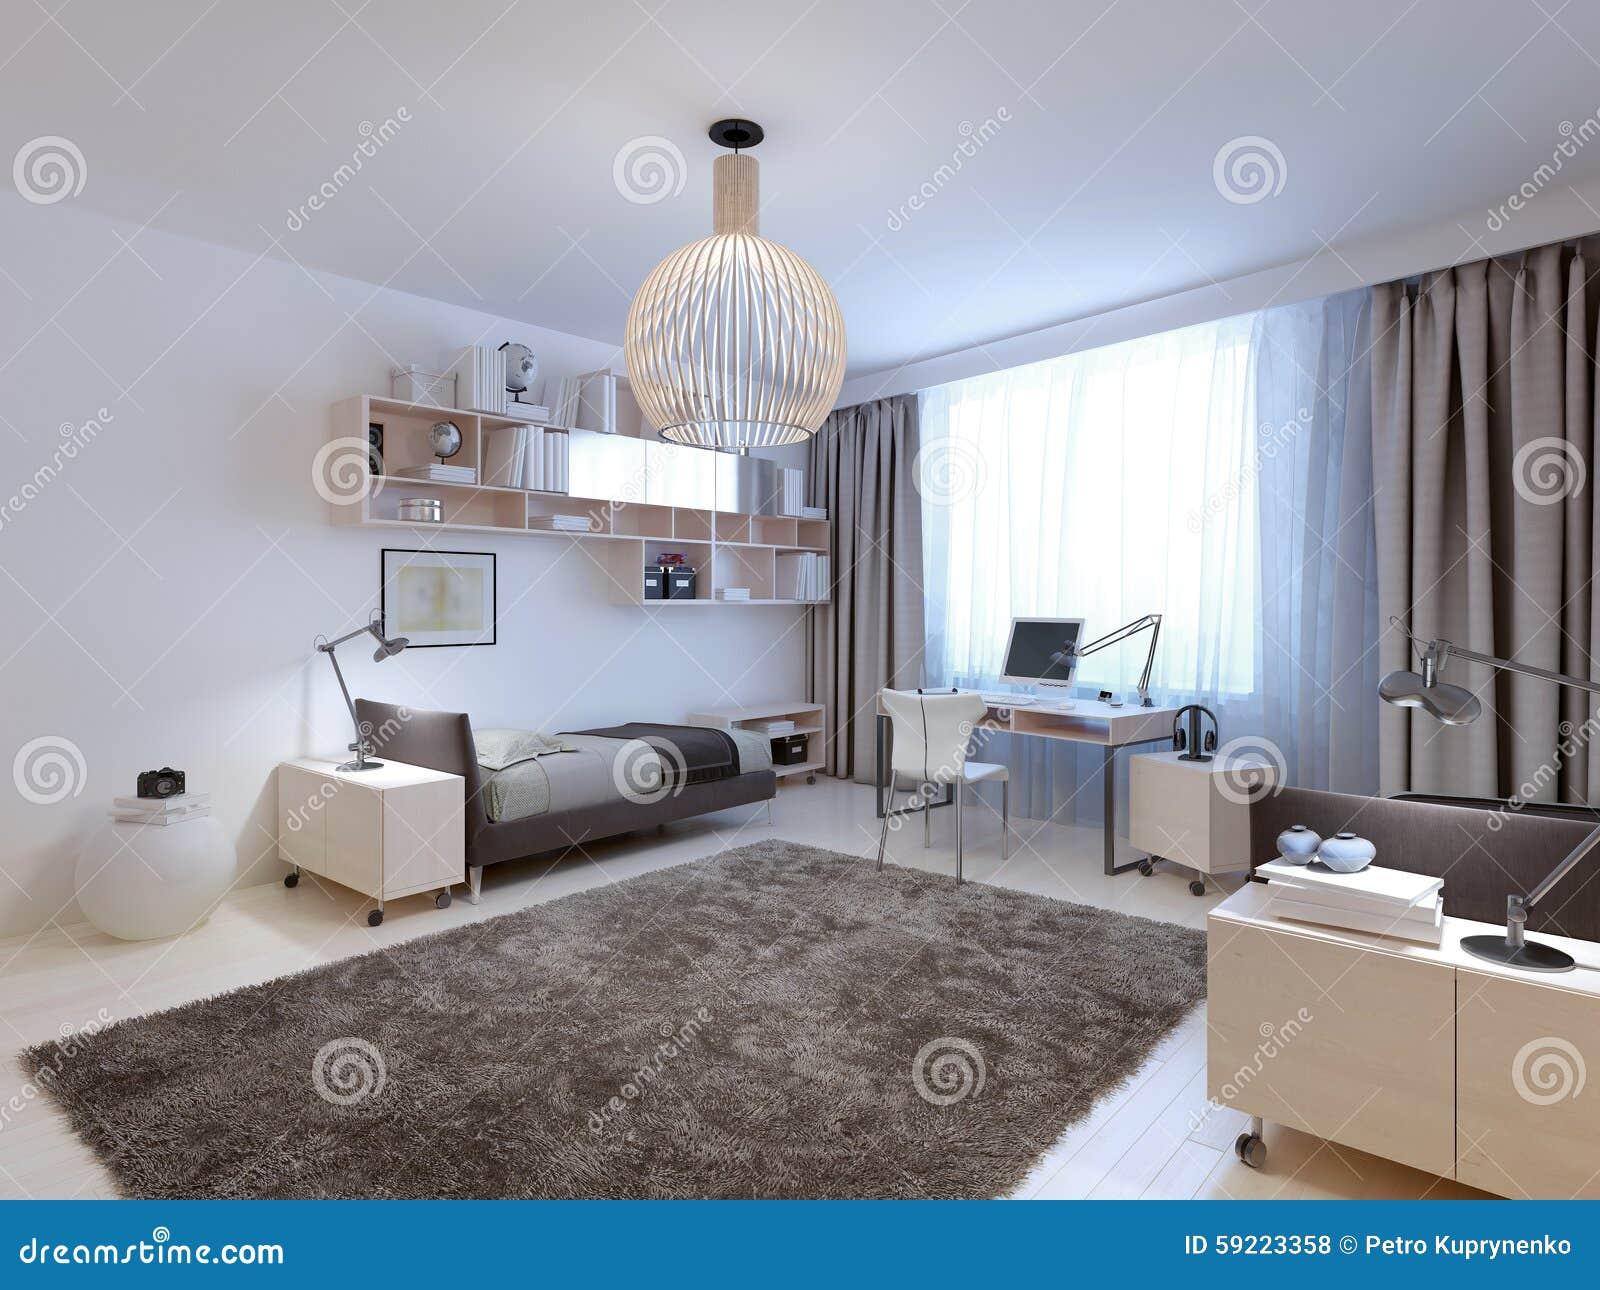 Idee van tieners eigentijdse slaapkamer stock foto afbeelding 59223358 - Eigentijdse stijl slaapkamer ...